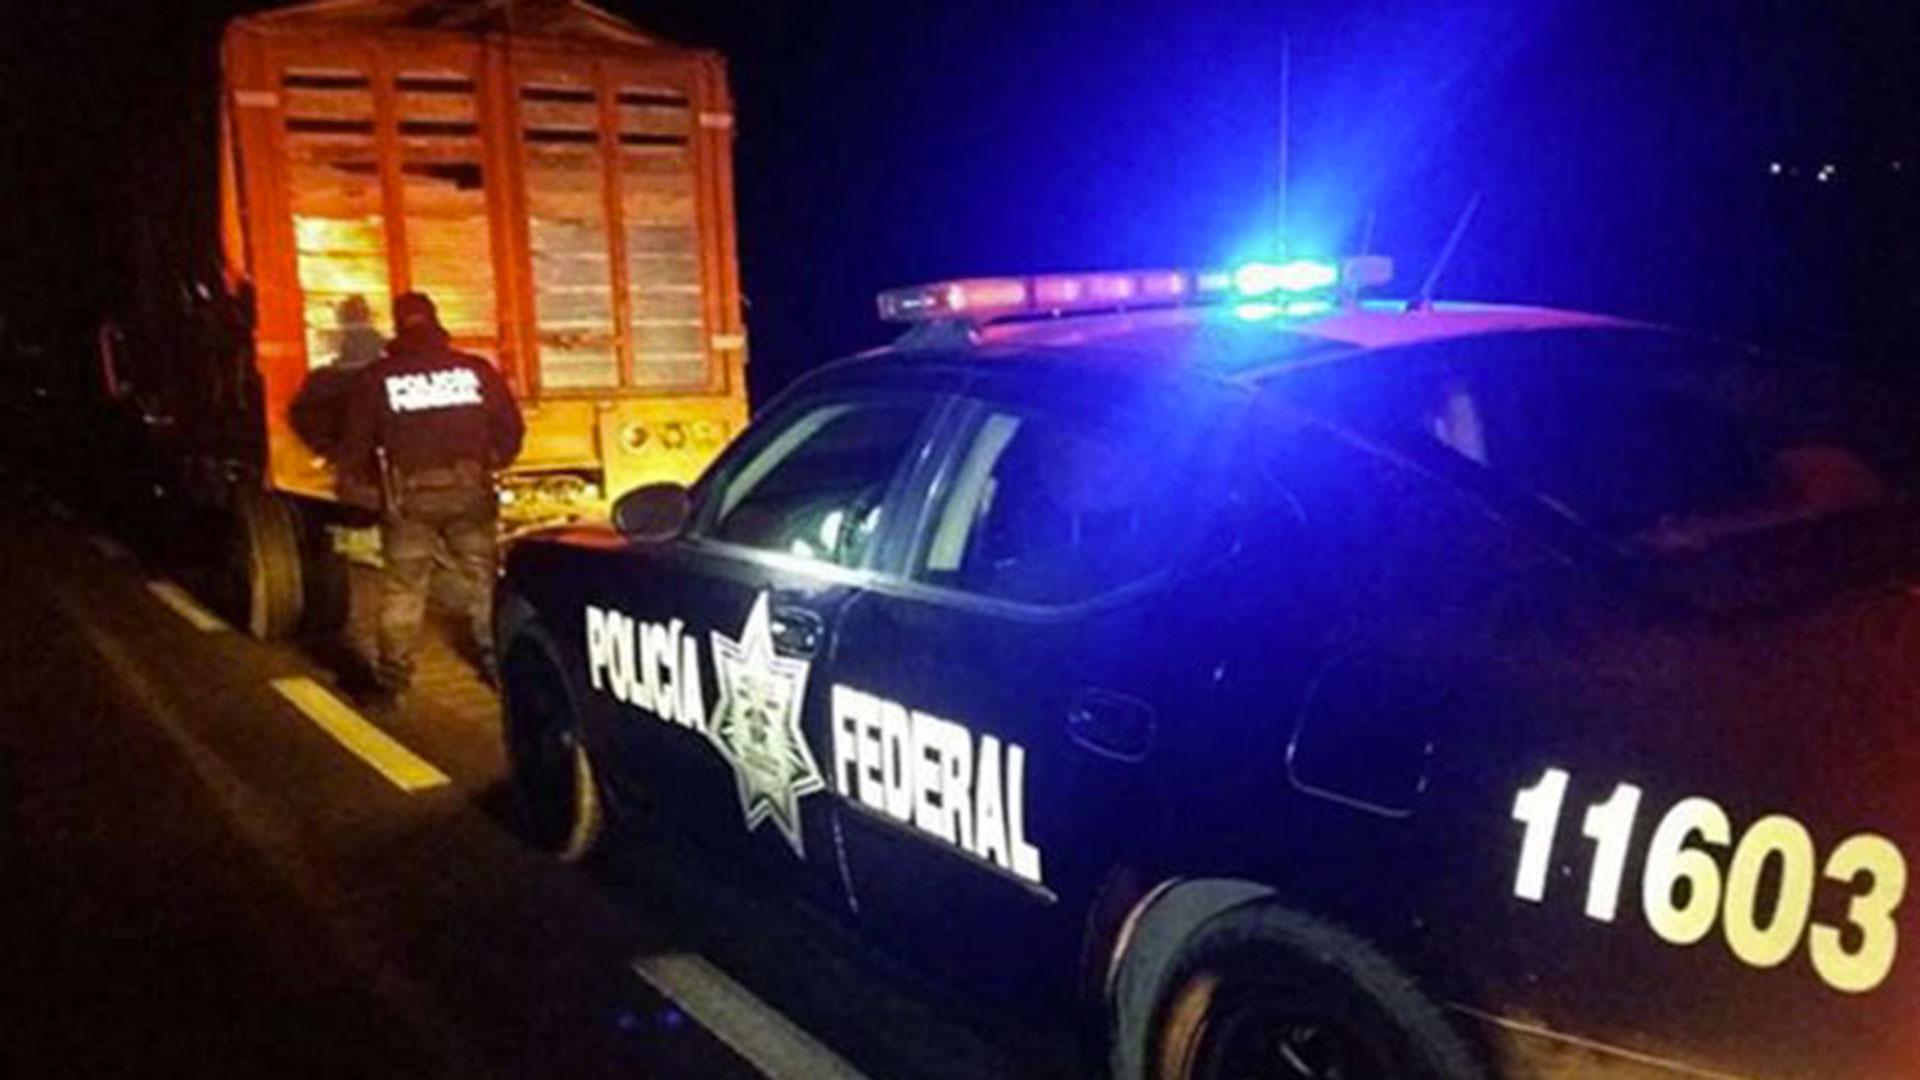 La Policía Federal mexicana revisó la camioneta que tenía las puertas y el cofre abiertos. en la caja estaba el menor, seguía dormido.